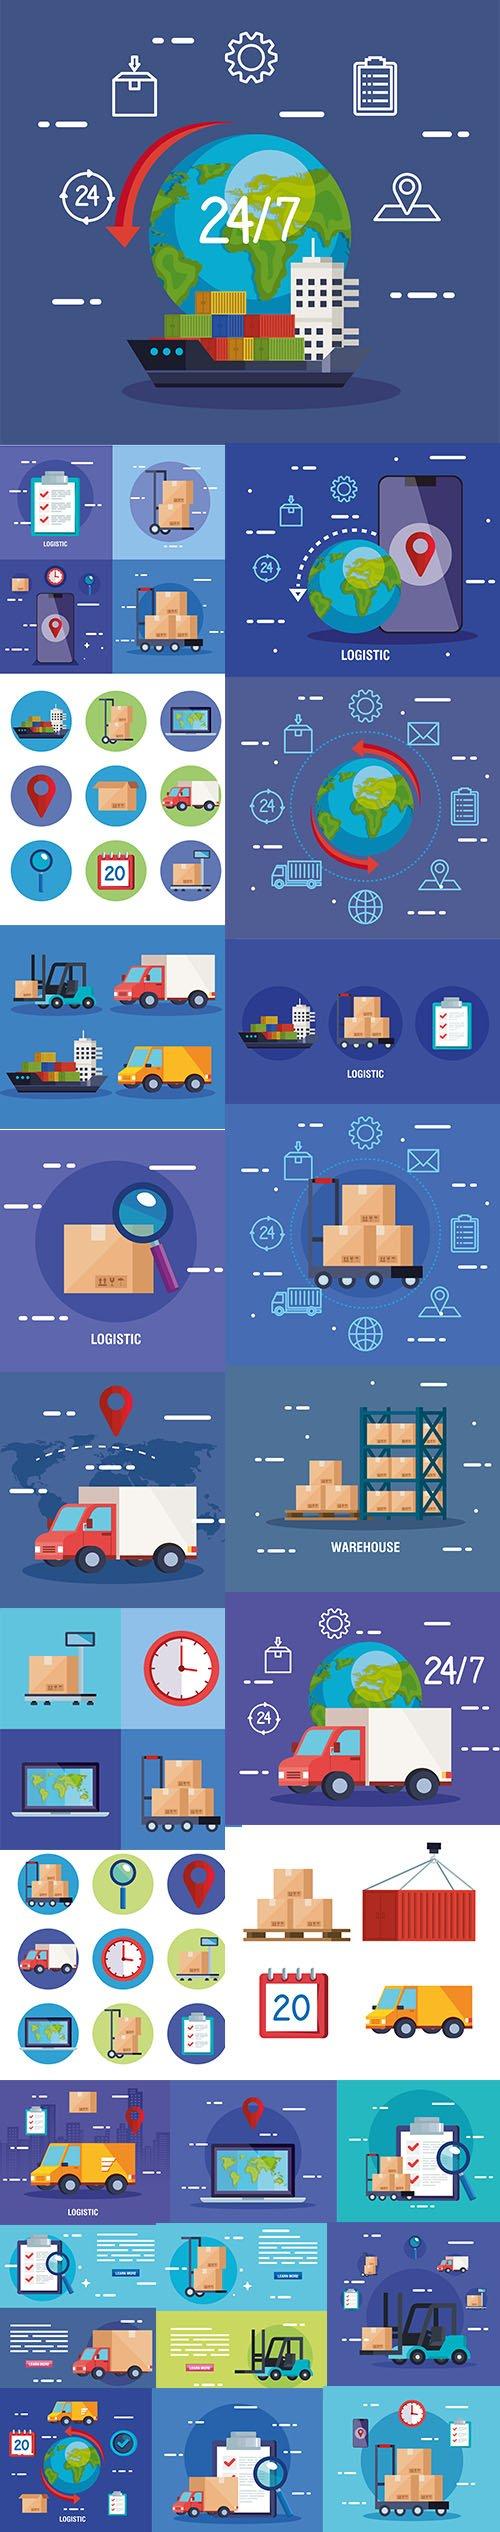 Delivery Logistic Service Illustration Set